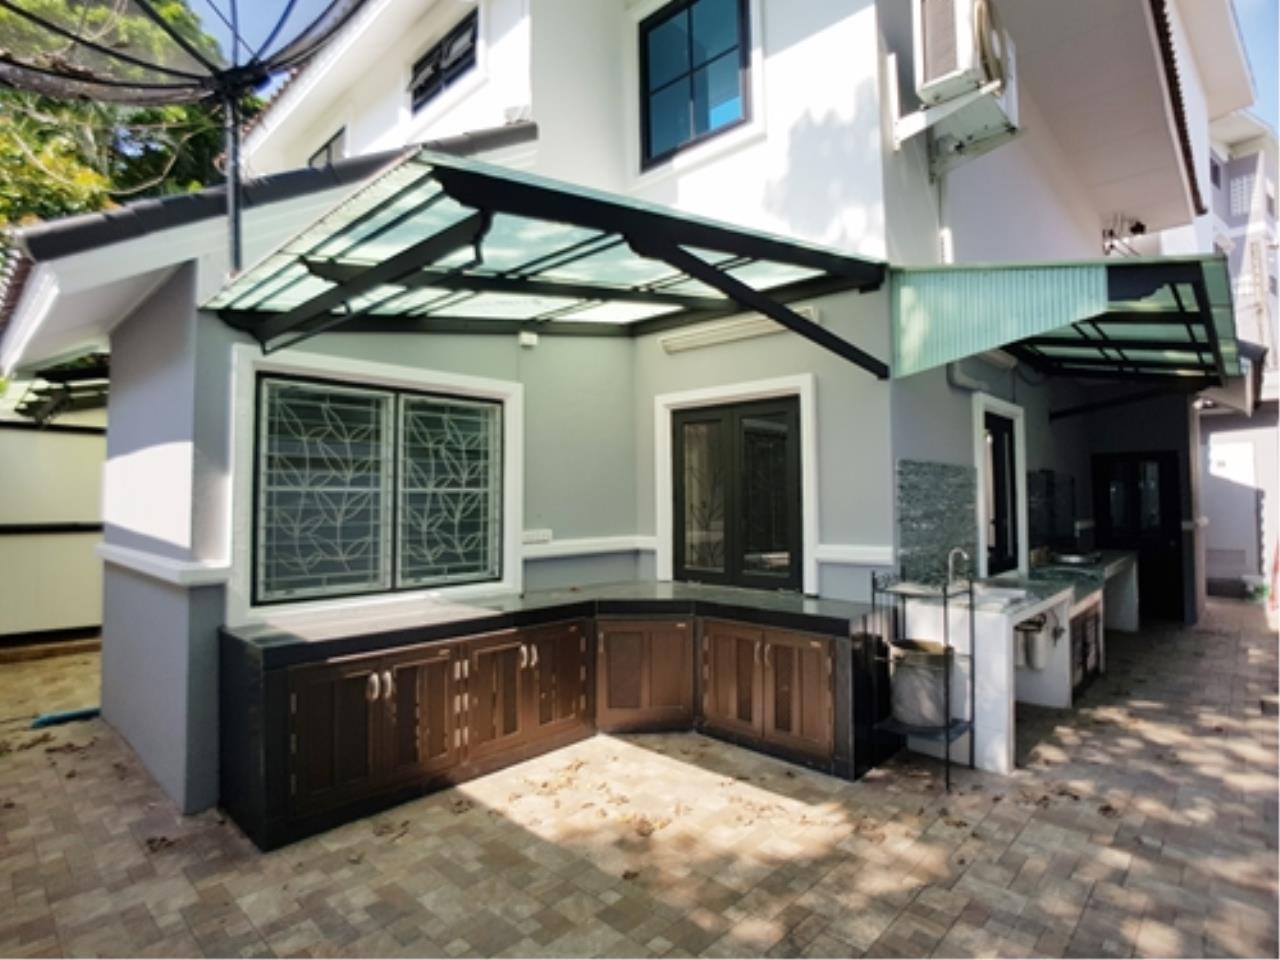 ขายบ้าน พระโขนงเหนือ วัฒนา กรุงเทพมหานคร, ภาพที่ 1